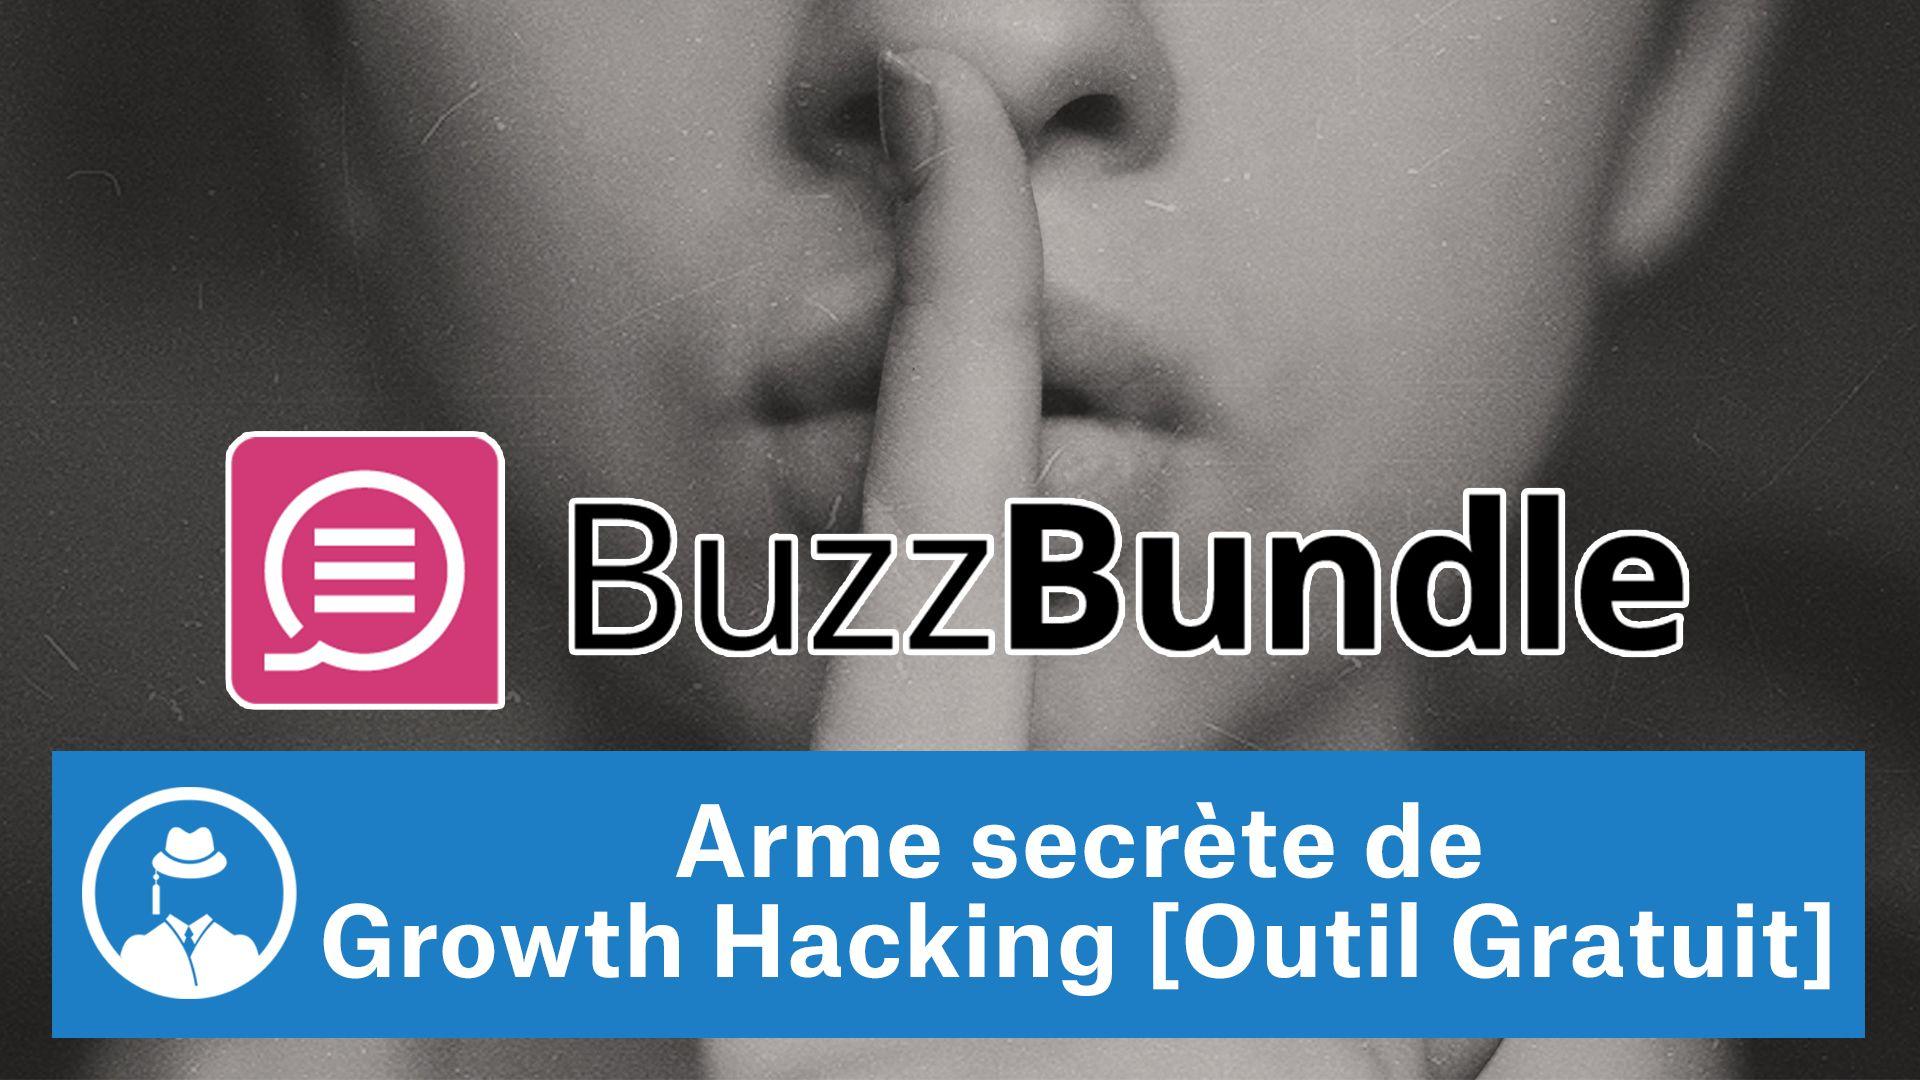 Arme secrète de growth hacking |outil gratuit] #GrowthHacking #WebMarketing #FormationGrowthHacking #CentreDeFormationFrance #TunnelAARRR #AARRR #SocialMedia #CommunityManagement #SEO #BuzzBundle #OutilGratuit